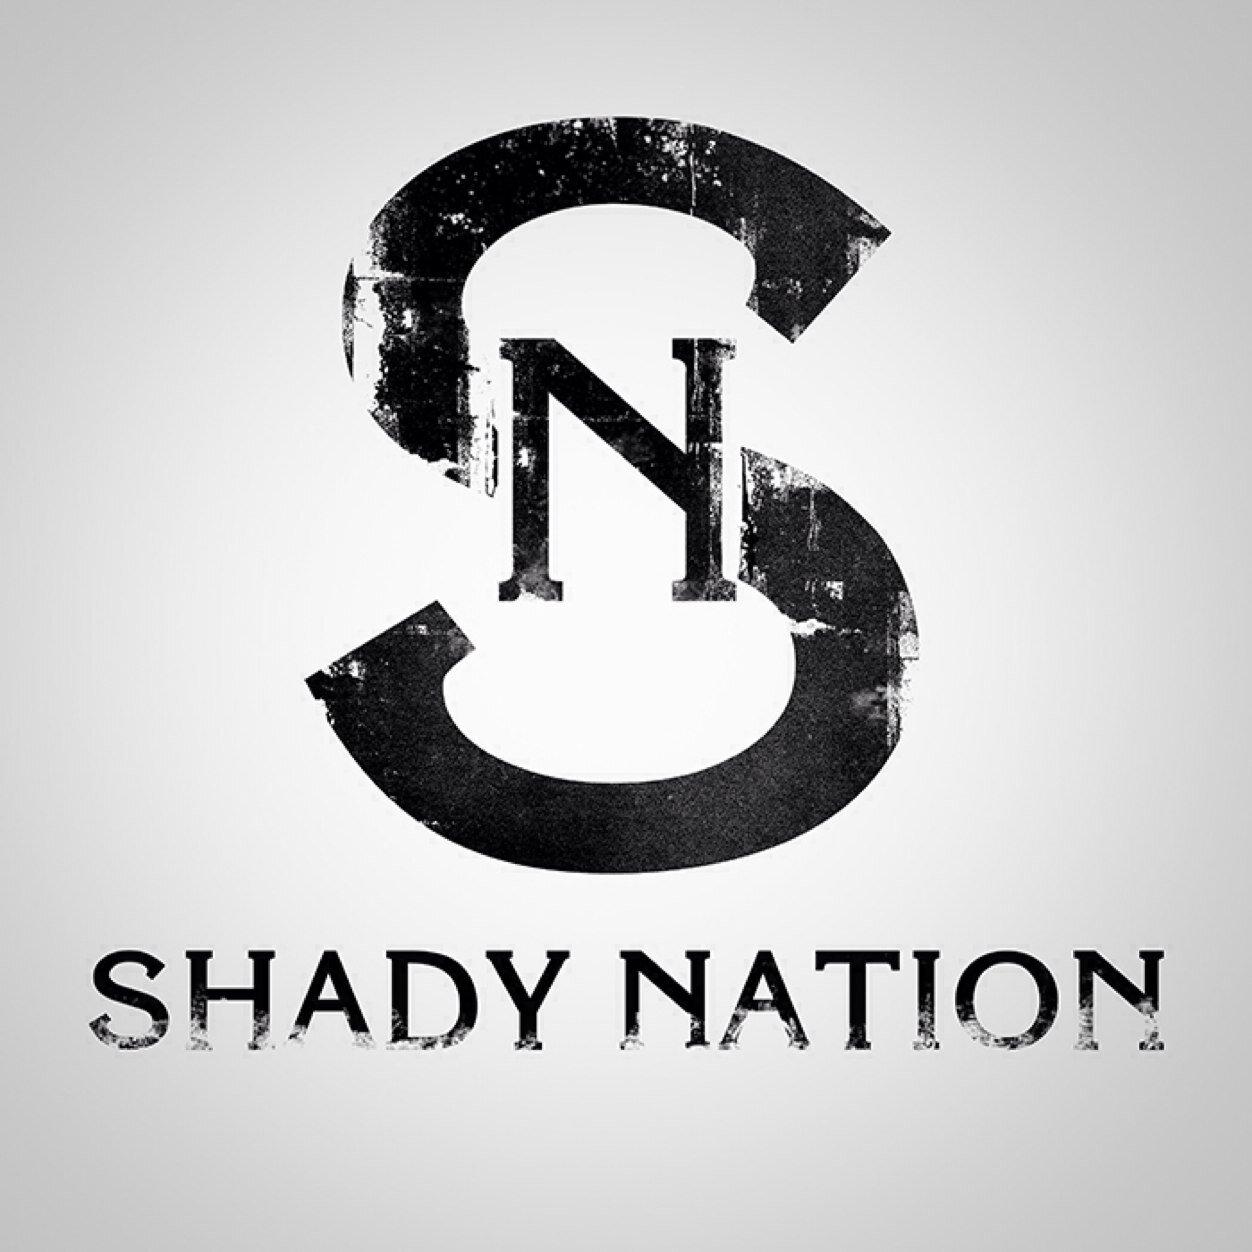 shady nation teamshadynation twitter